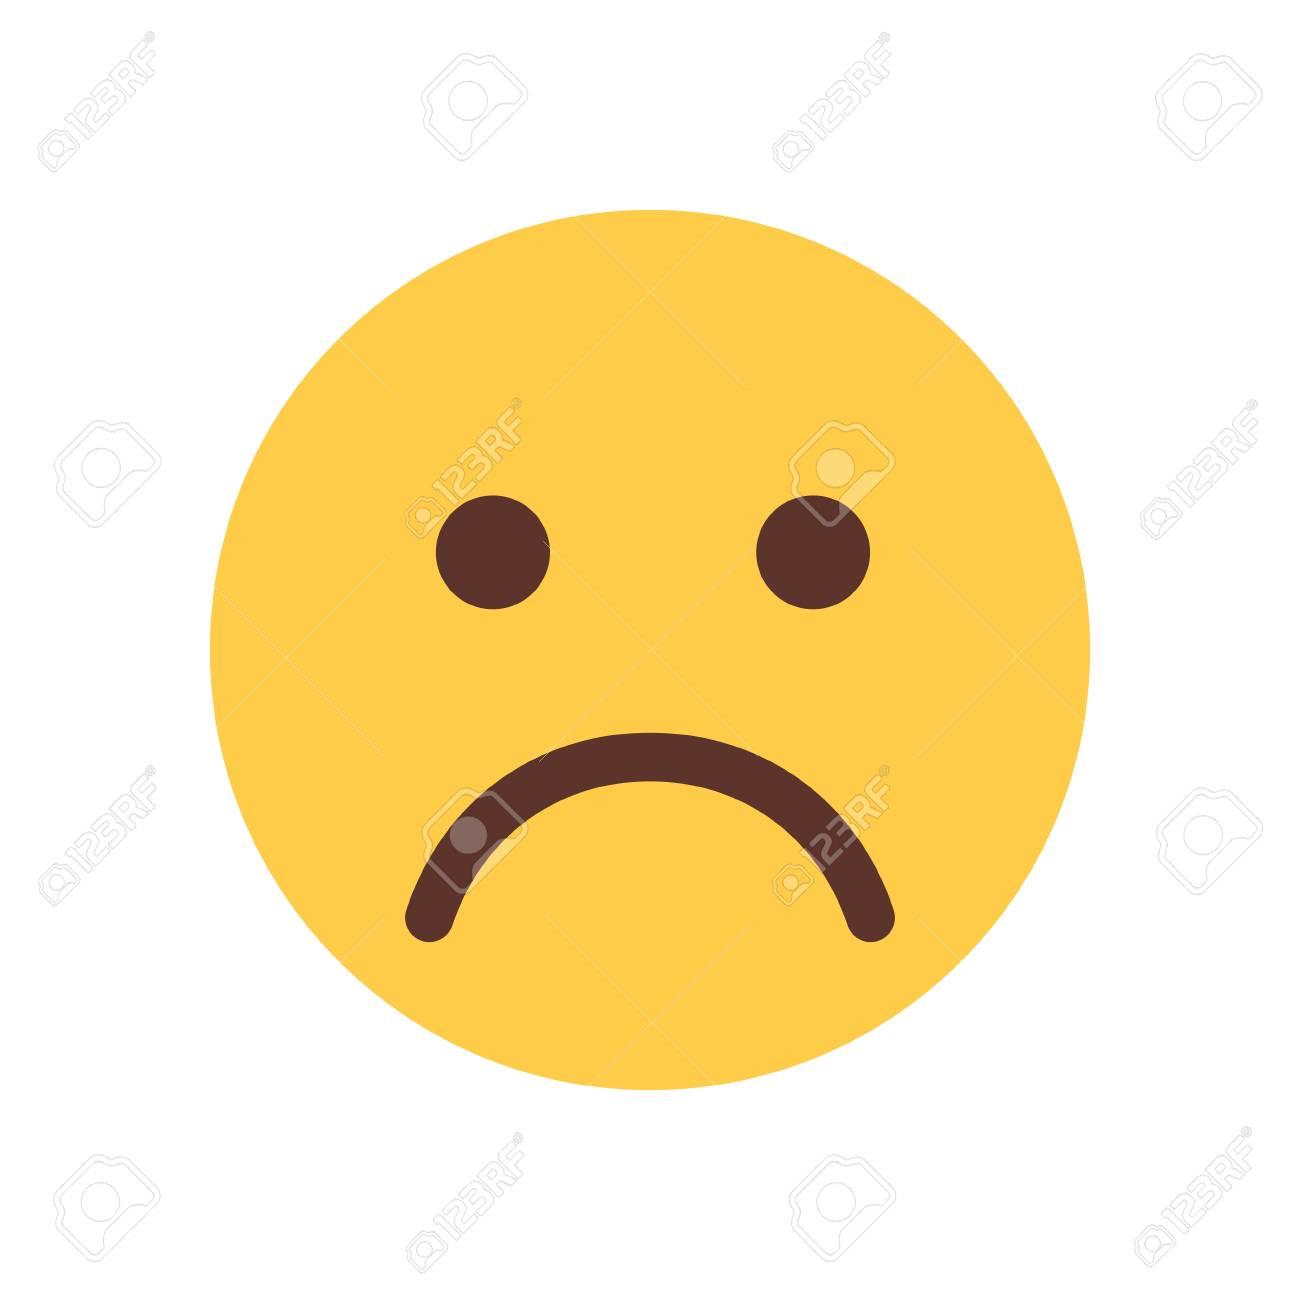 üzgün emoji ile ilgili görsel sonucu